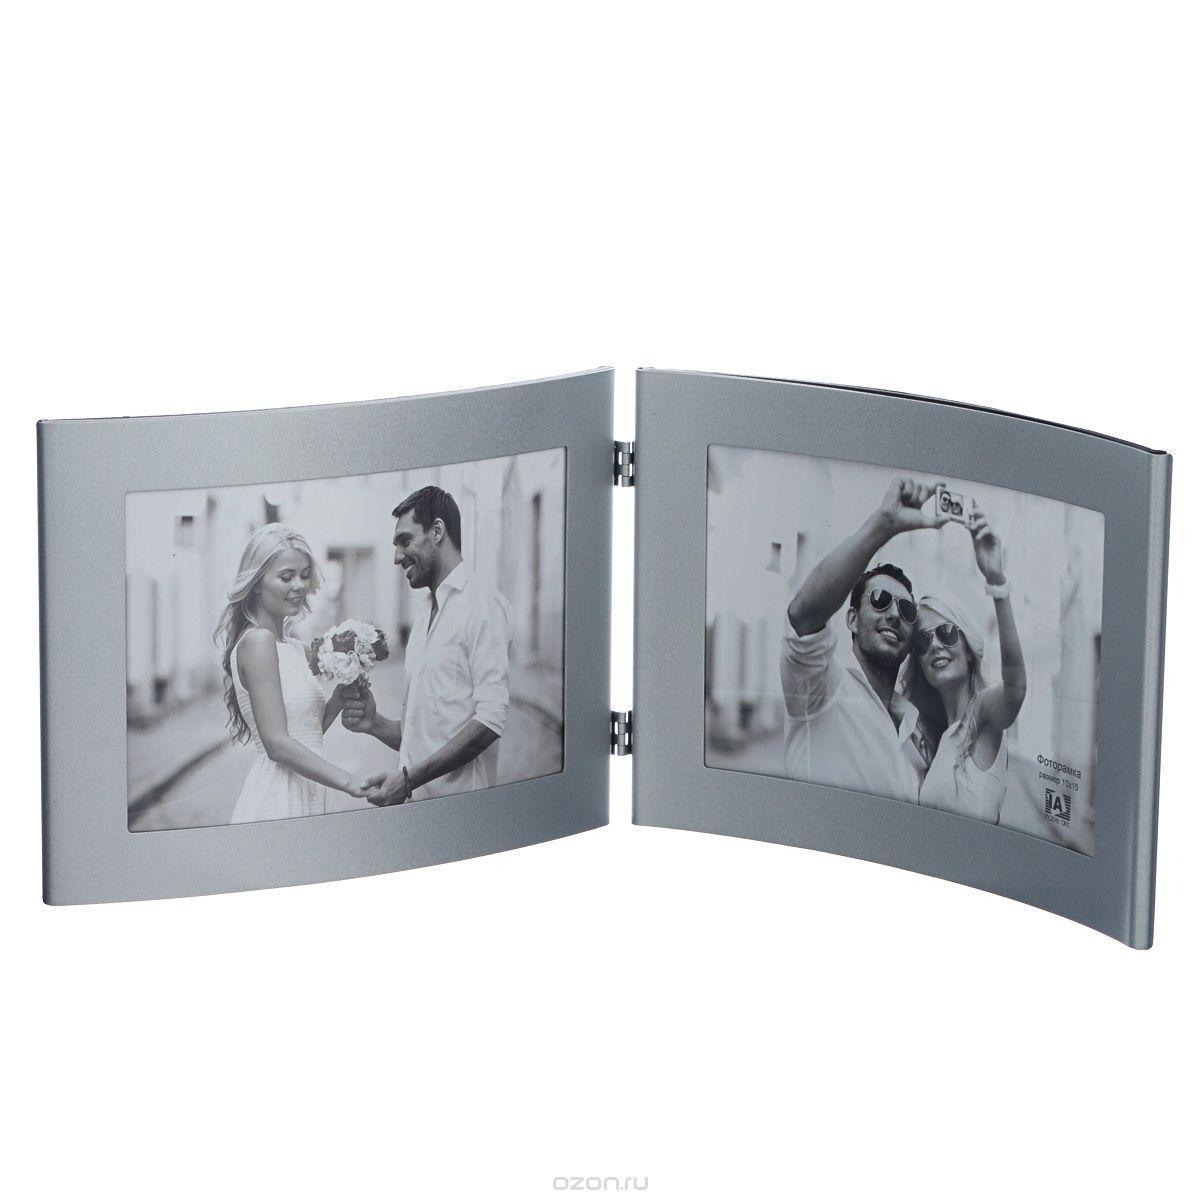 ФоторамкаImage Art 6015/2-4S ( серебро)5055398693070Фоторамка Image Art - прекрасный способ красиво оформить ваши фотографии. Изделие рассчитано на 2 фотографии. Фоторамка выполнена из металла и защищена стеклом. Фоторамку можно поставить на стол или подвесить на стену, для чего с задней стороны предусмотрены специальные отверстия.Такая фоторамка поможет сохранить на память самые яркие моменты вашей жизни, а стильный дизайн сделает ее прекрасным дополнением интерьера.